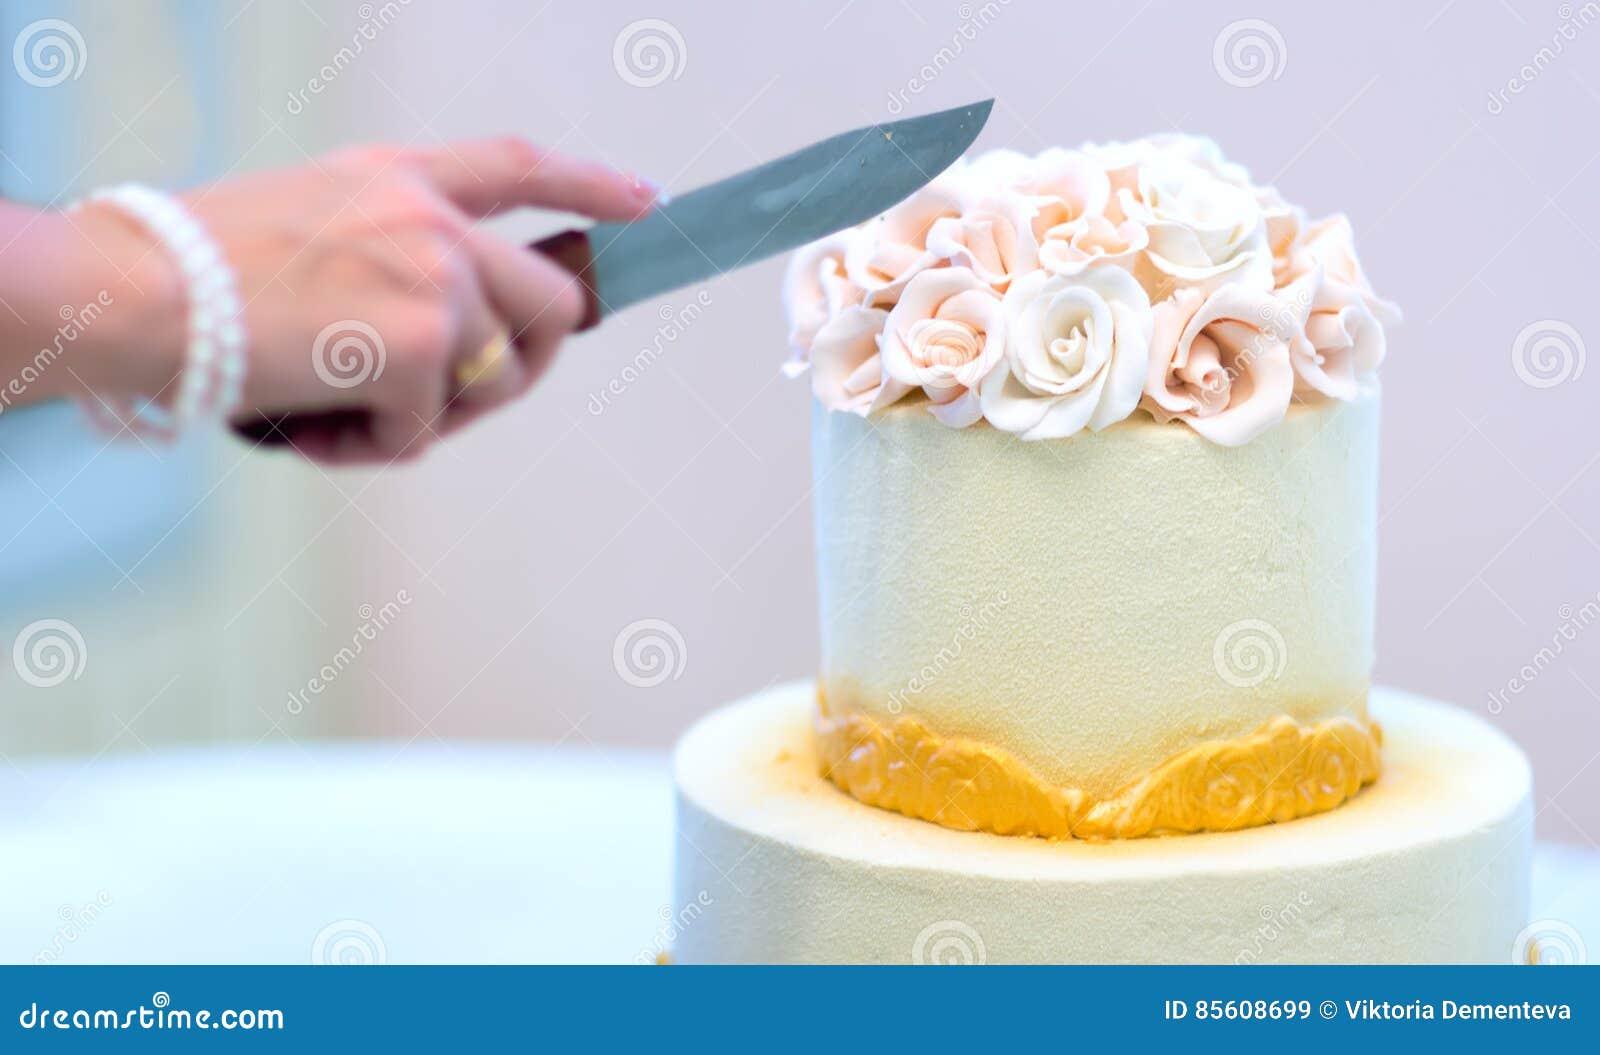 Festliche Hochzeitstorte Mit Blumen Gelb Orangee Blumen Die Koje